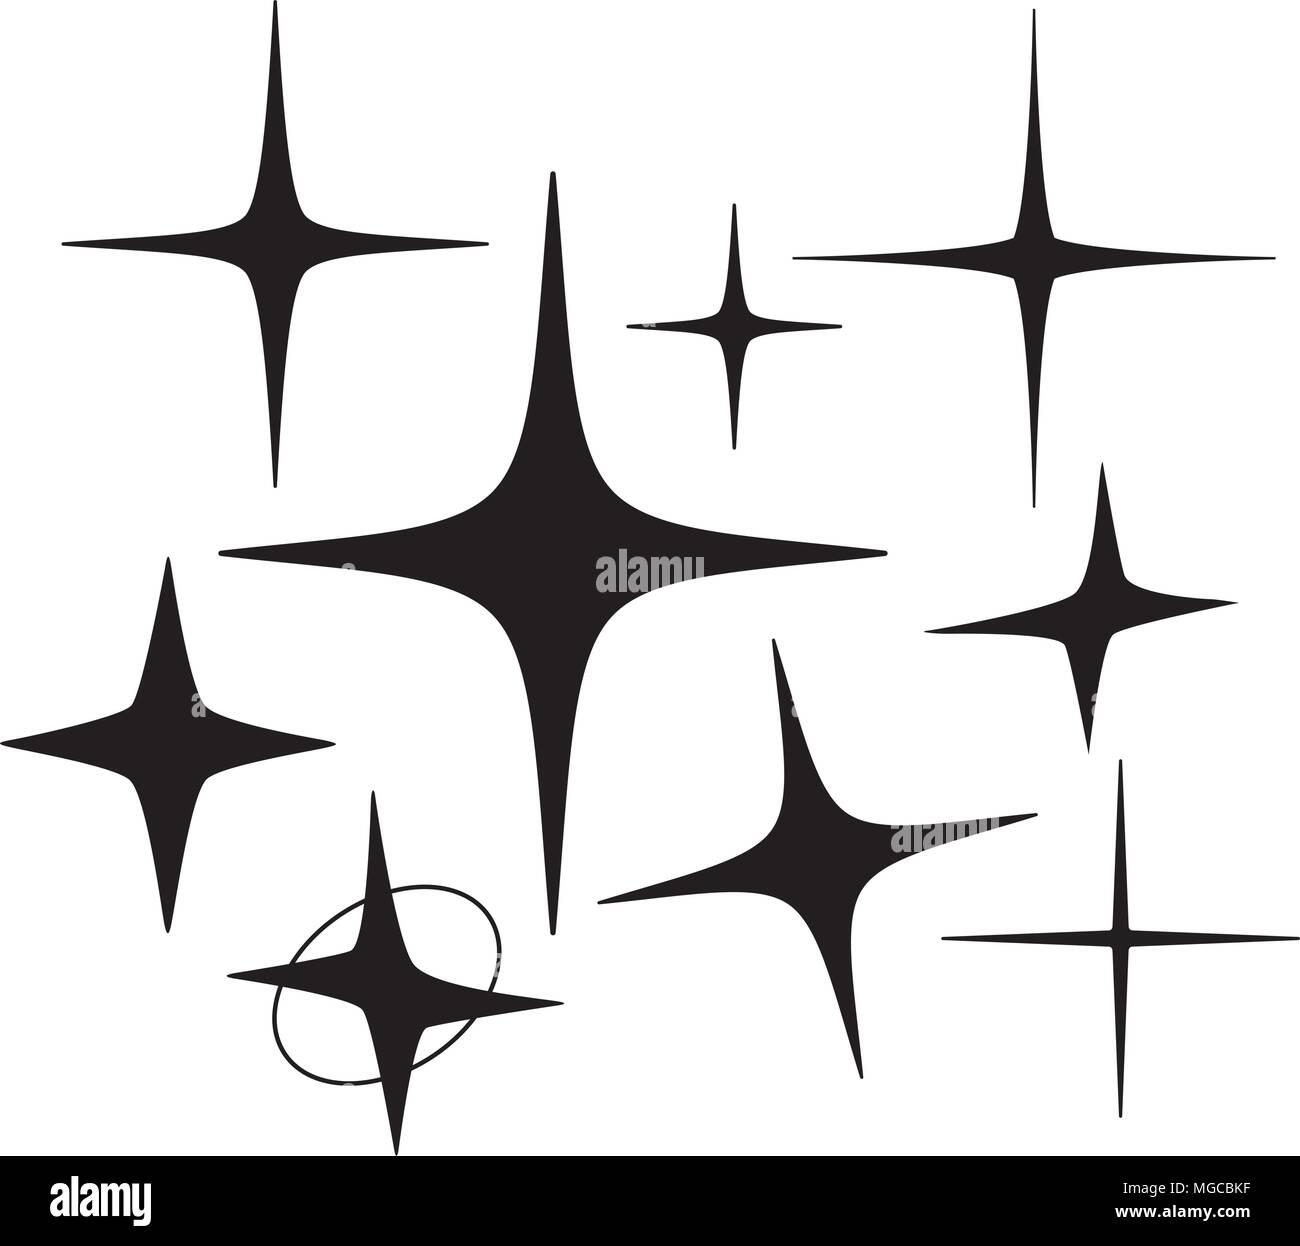 Retro Sterne 5 - Retro Clipart Illustration Vektor Abbildung - Bild ...